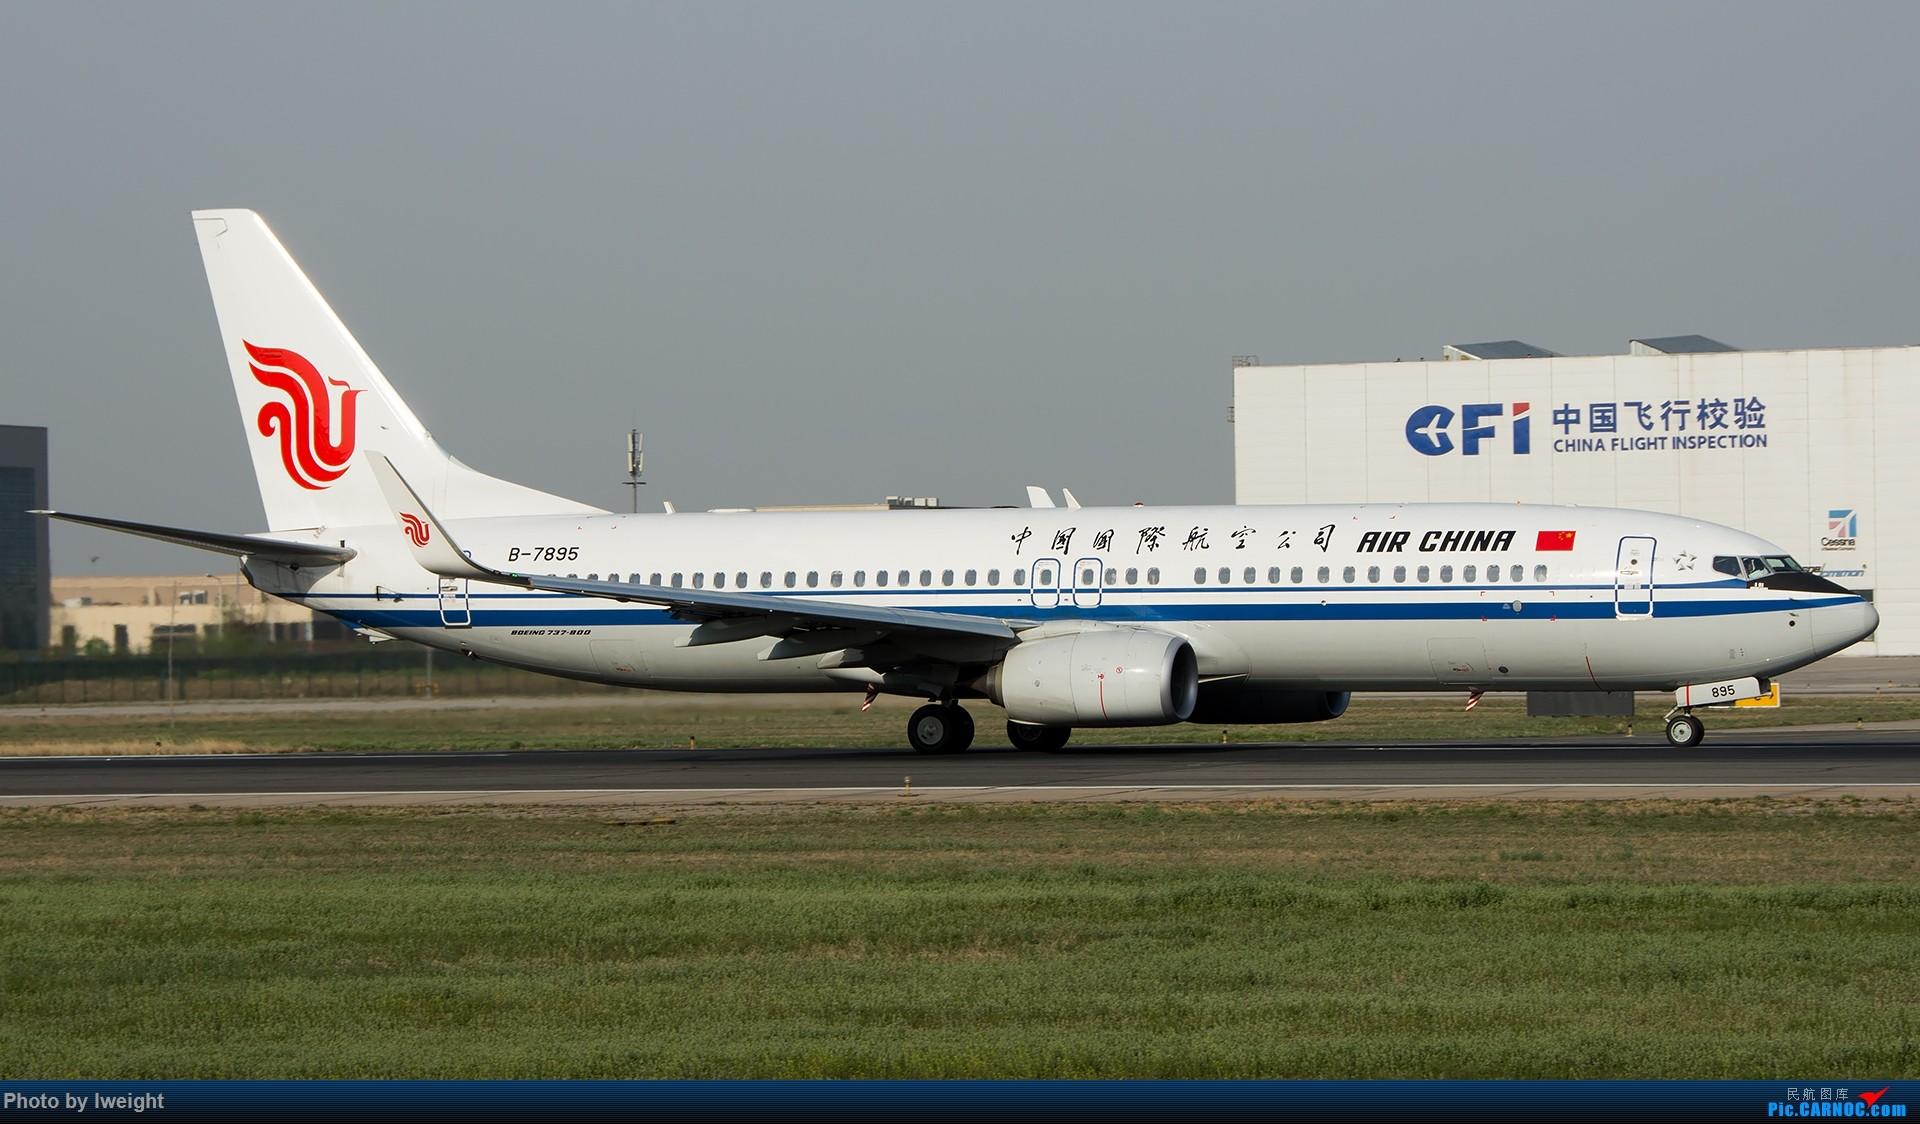 Re:[原创]天气晴朗,继续守候18R【多图】 BOEING 737-800 B-7895 中国北京首都国际机场